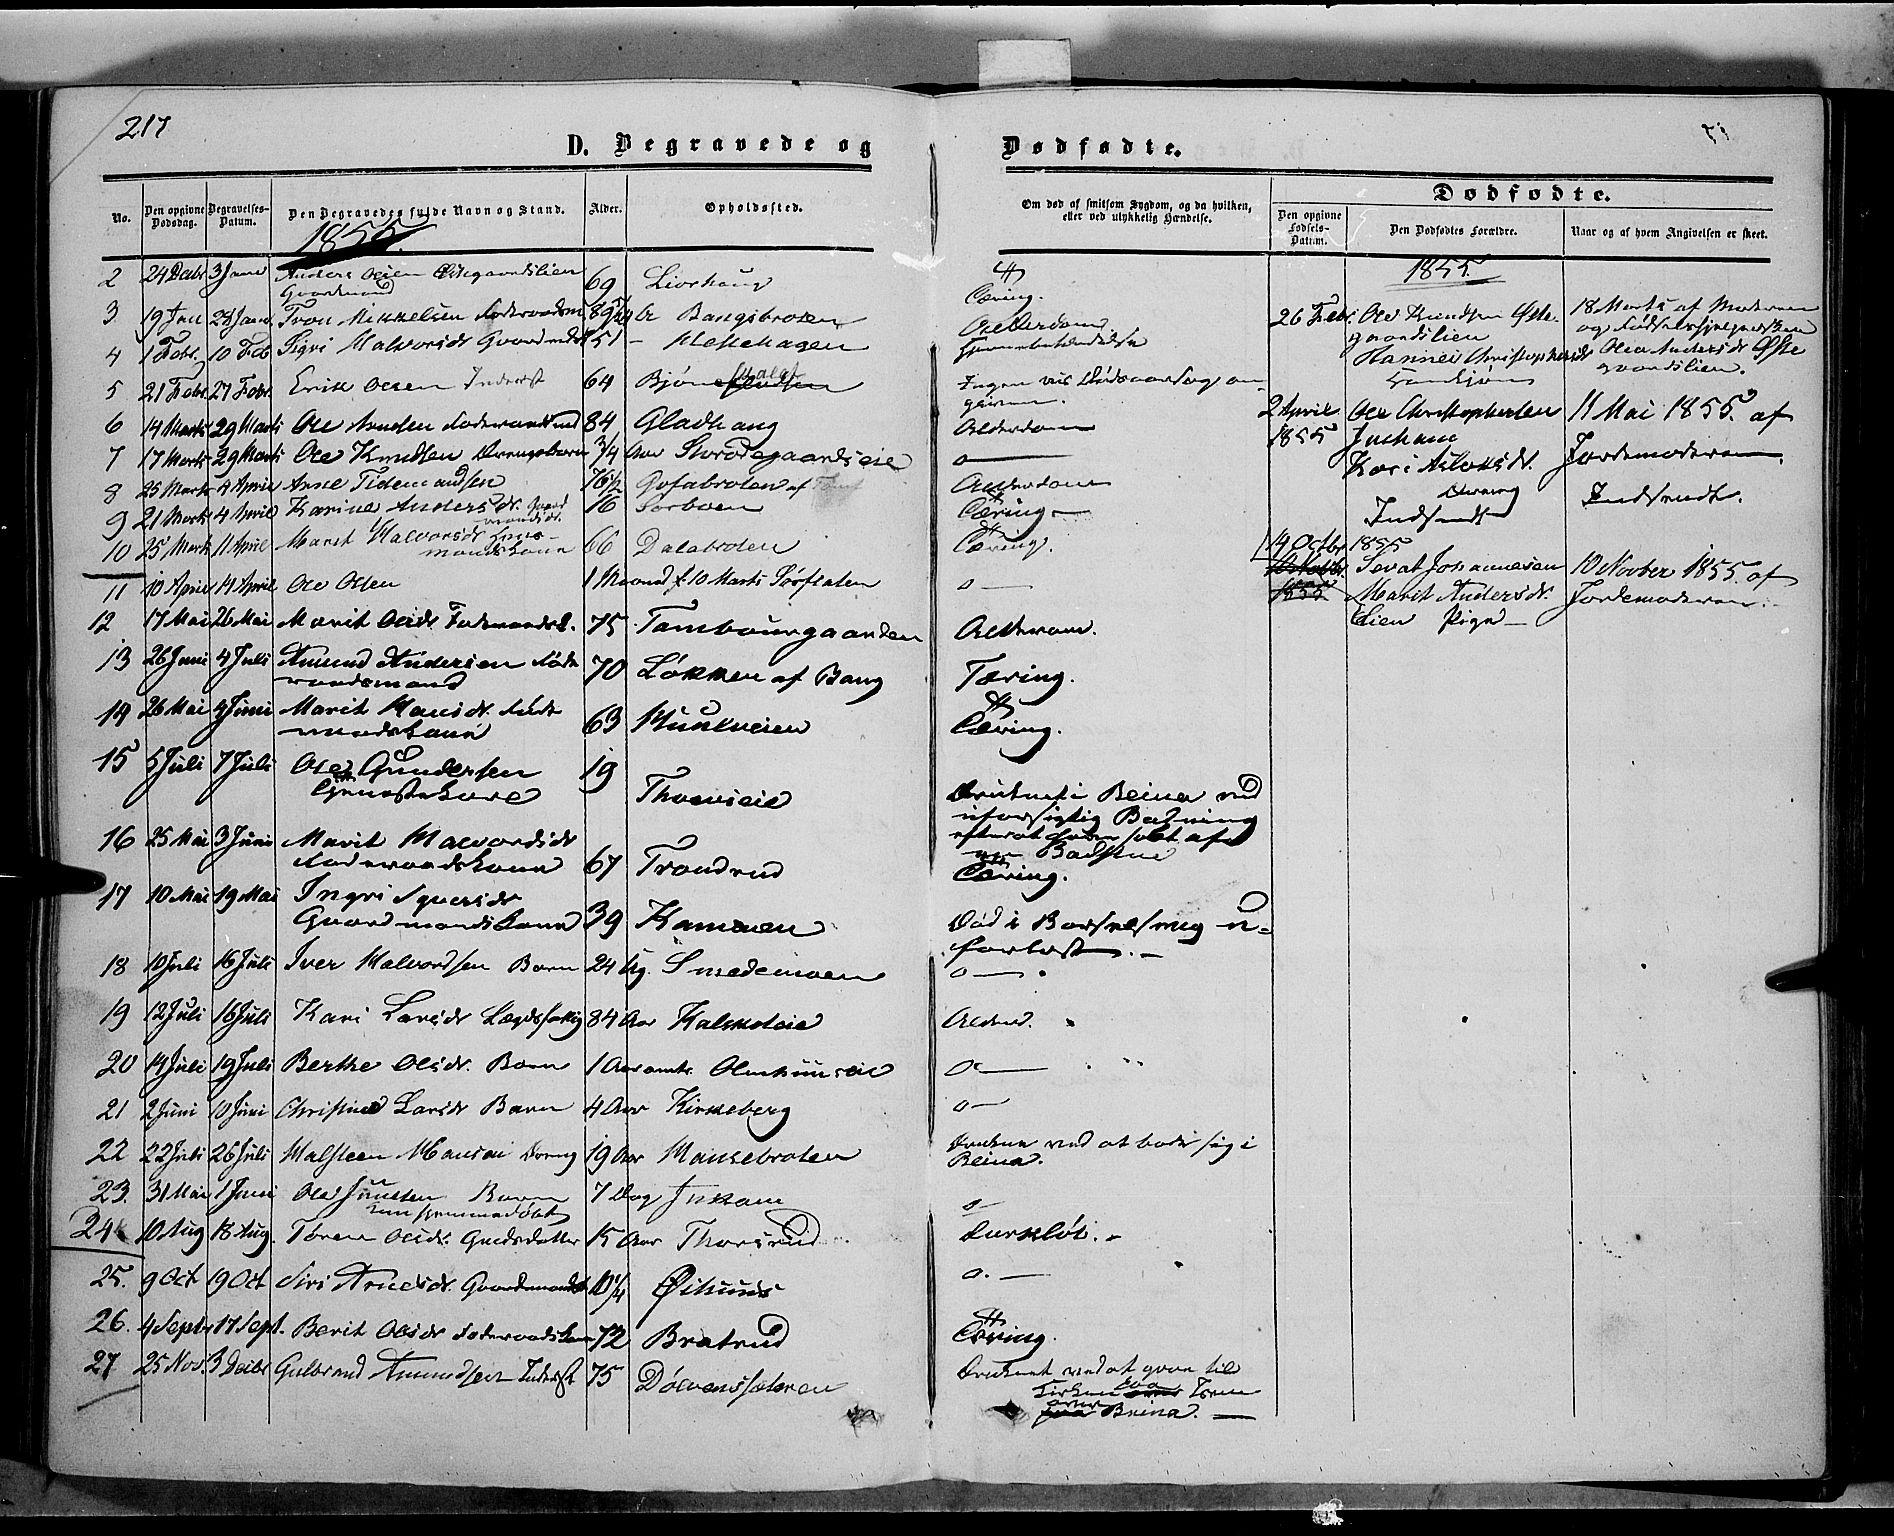 SAH, Sør-Aurdal prestekontor, Ministerialbok nr. 5, 1849-1876, s. 217